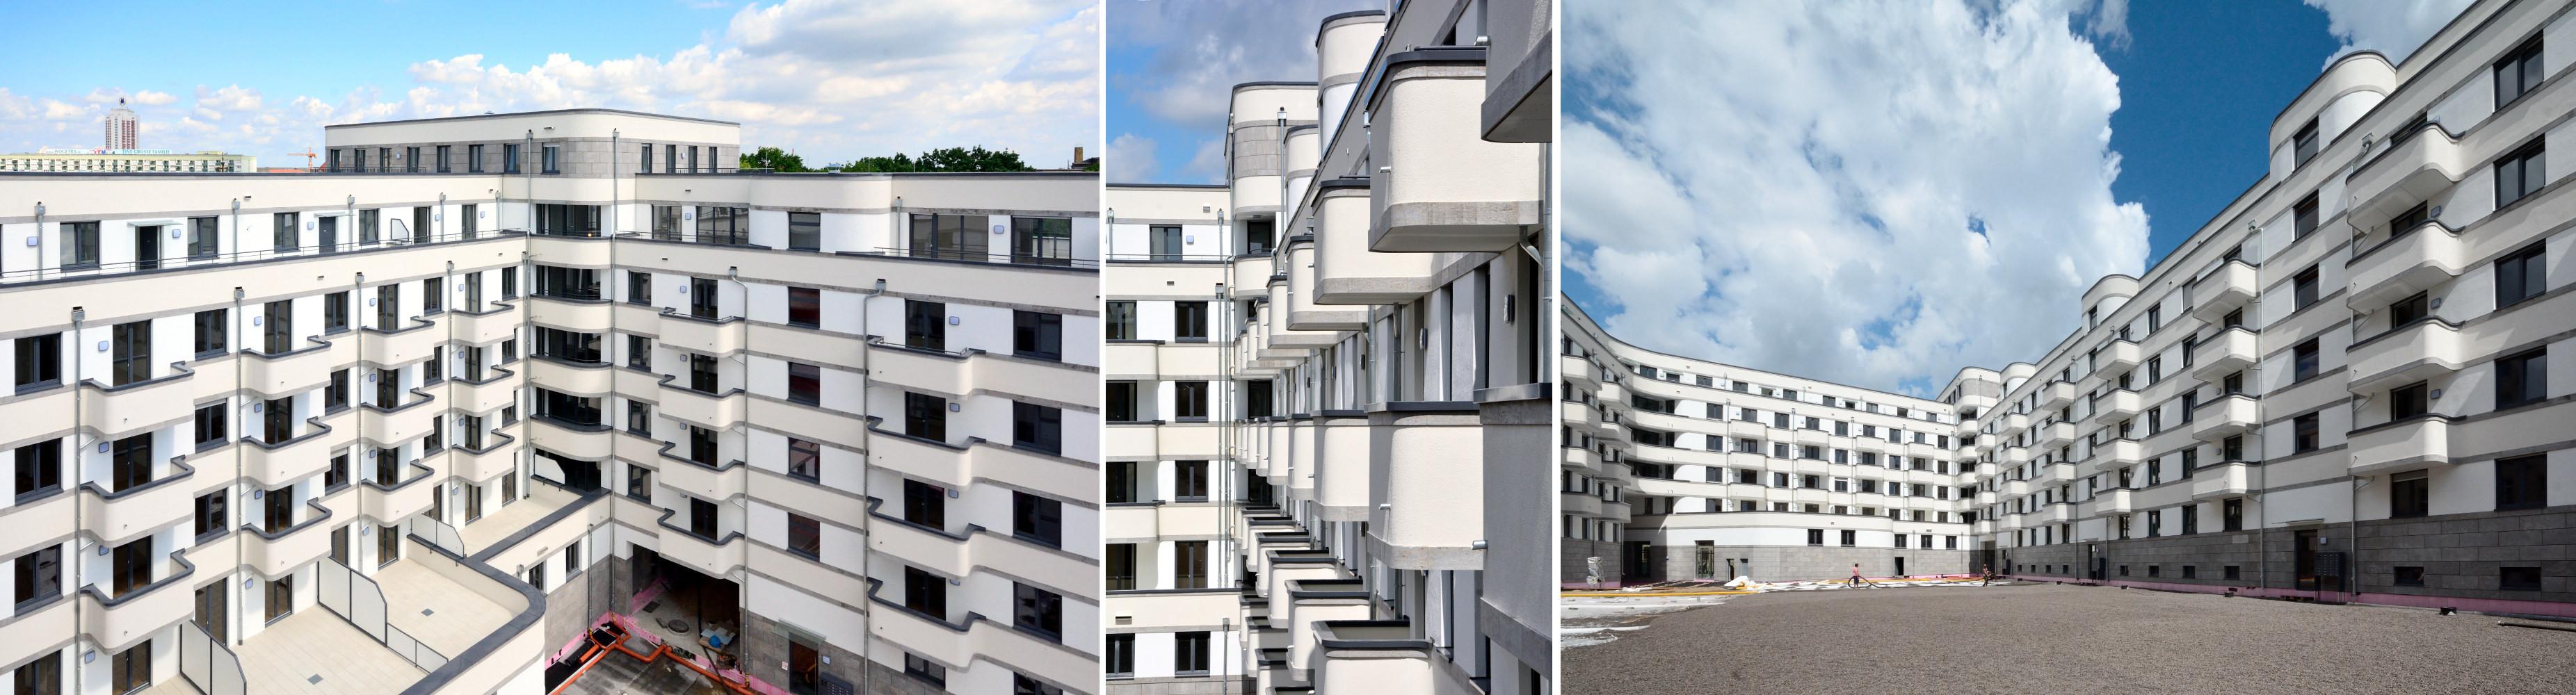 Architekturfotografie Leipzig architecture photography panoramastreetline